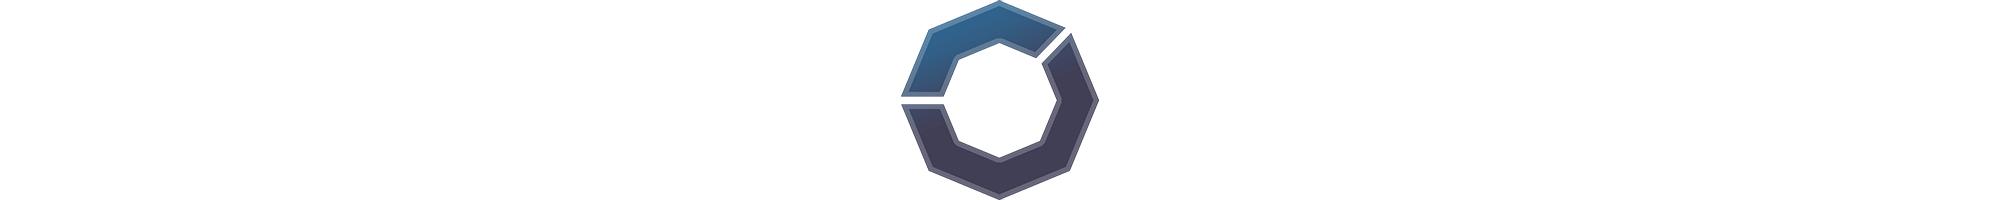 OVis Header Icon